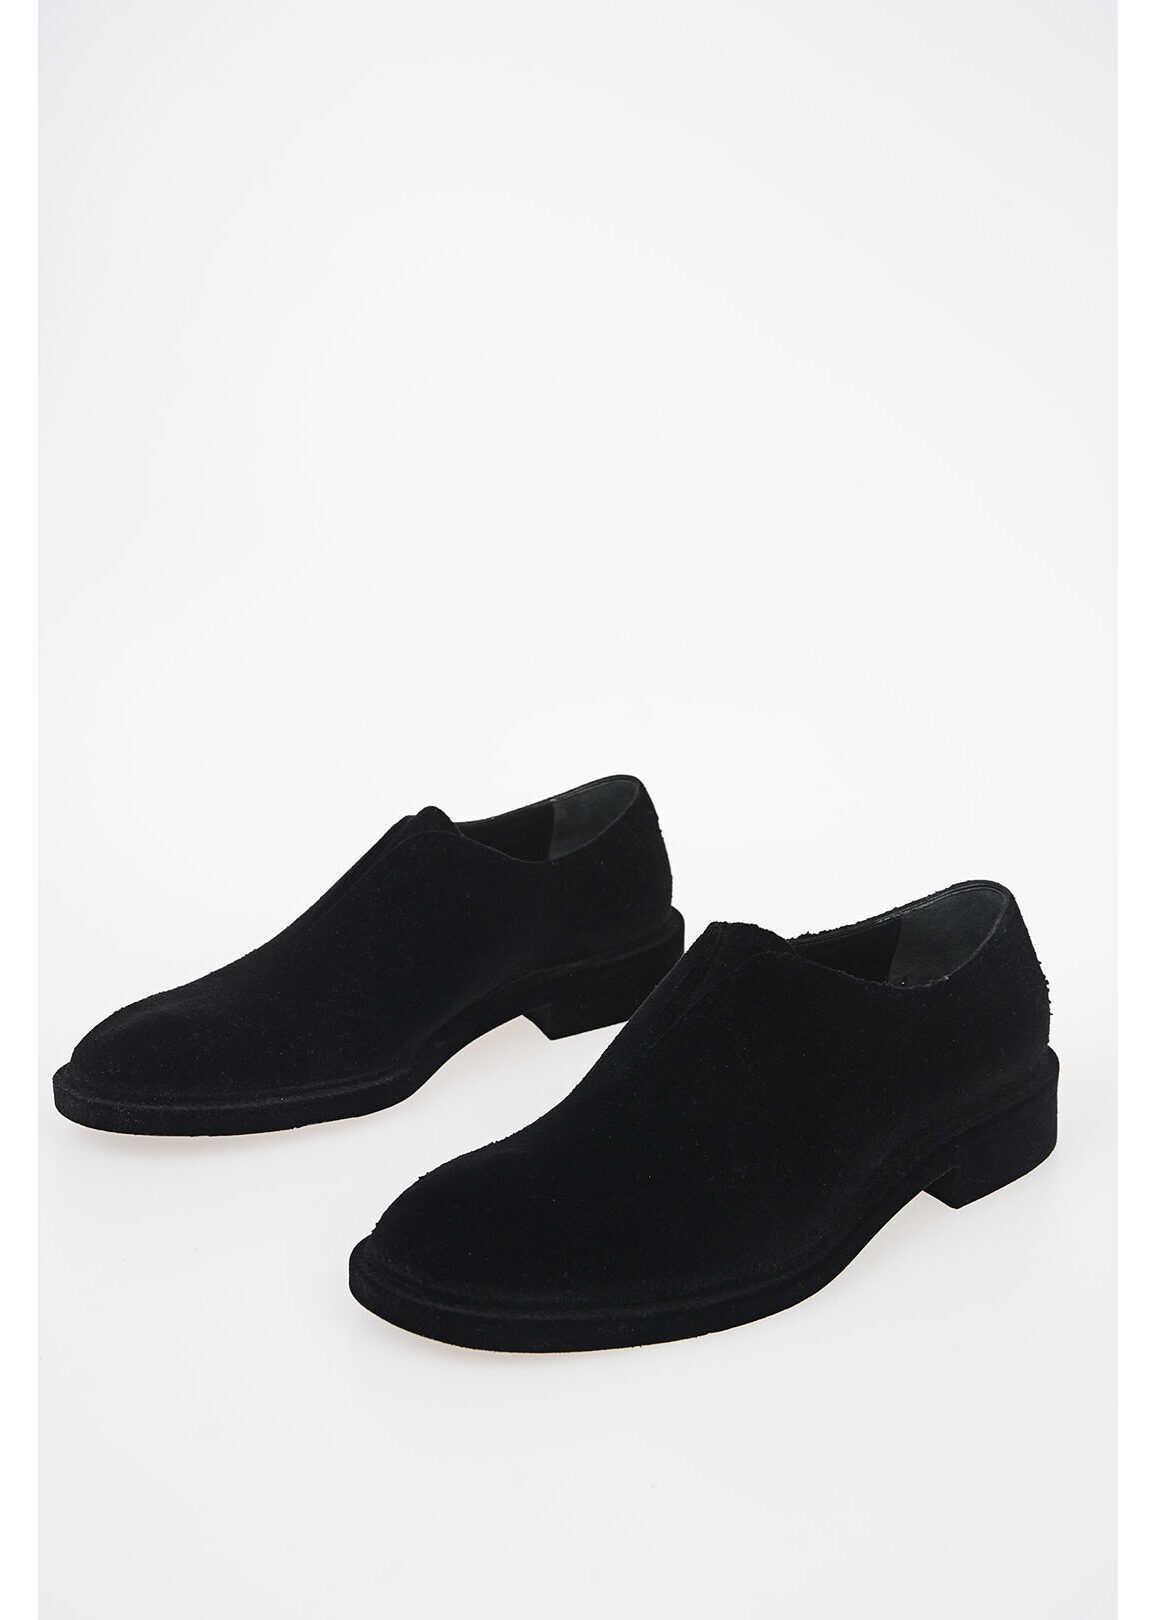 Maison Margiela MM22 Velvet Coated Leather derby shoes BLACK imagine b-mall.ro